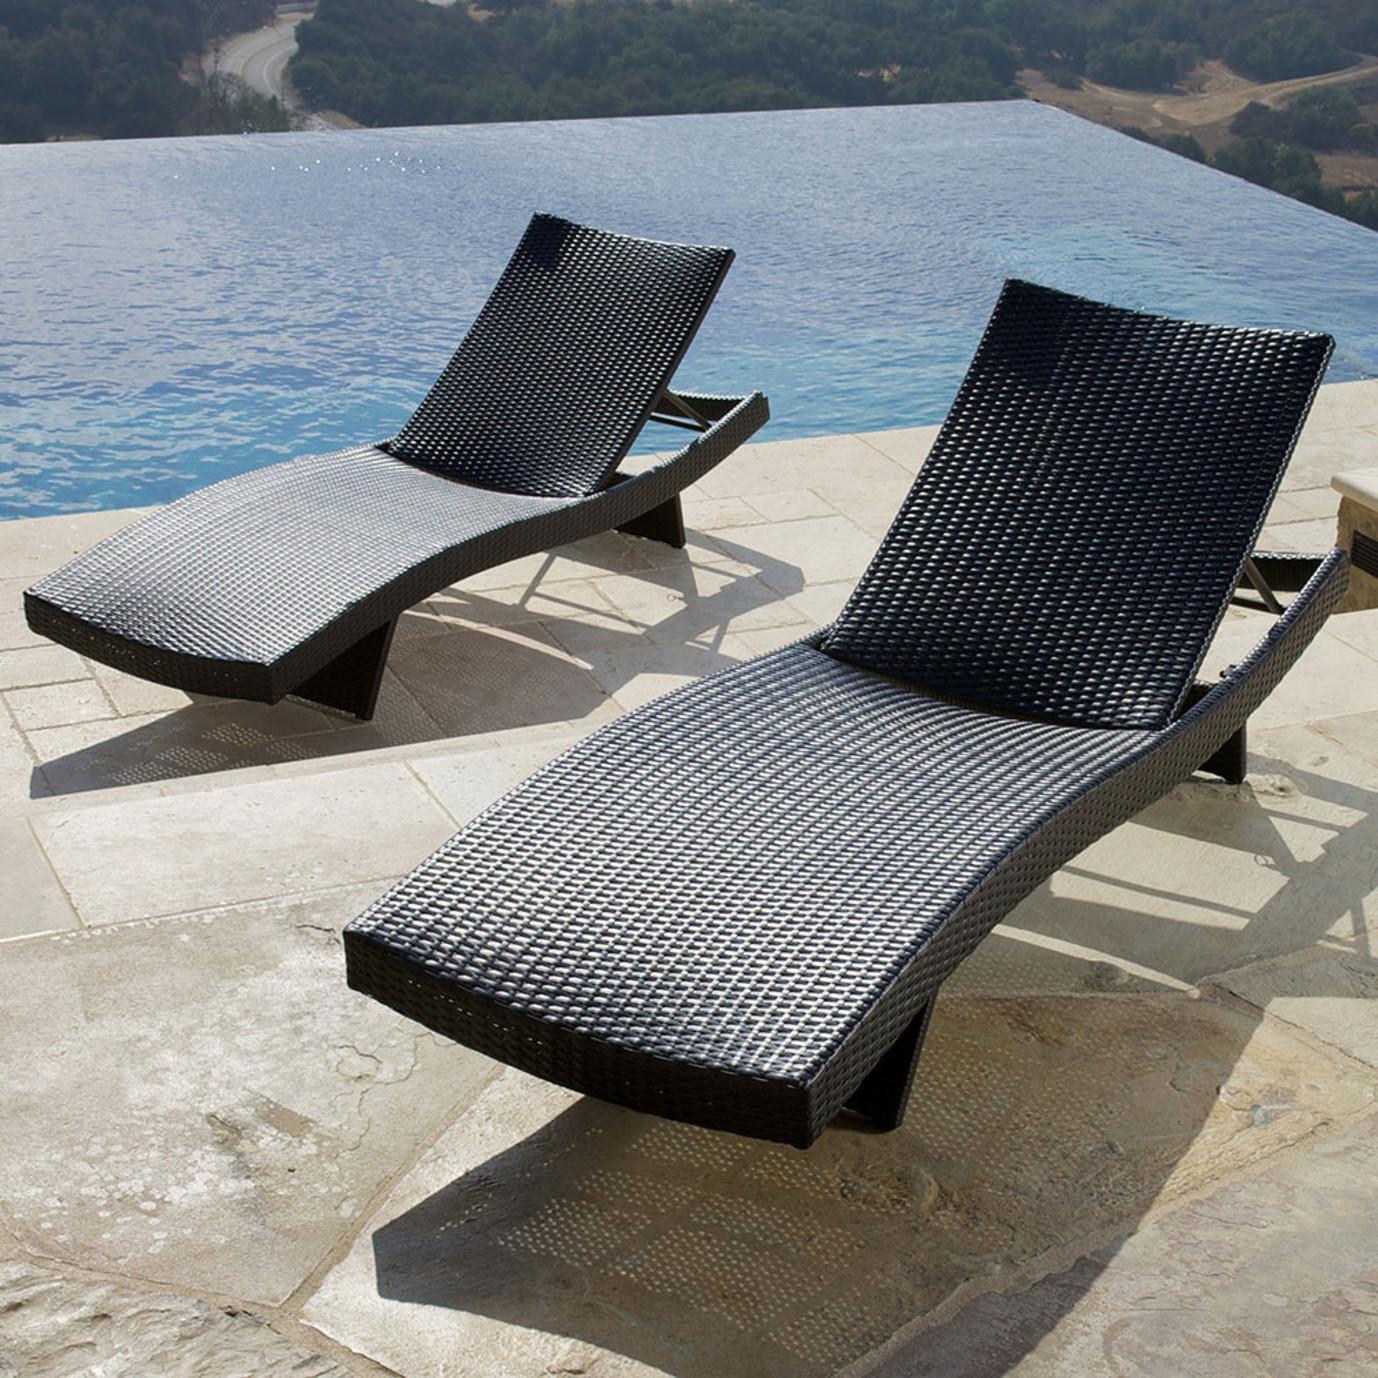 Portofino™ Comfort 2 Loungers & Table - Espresso